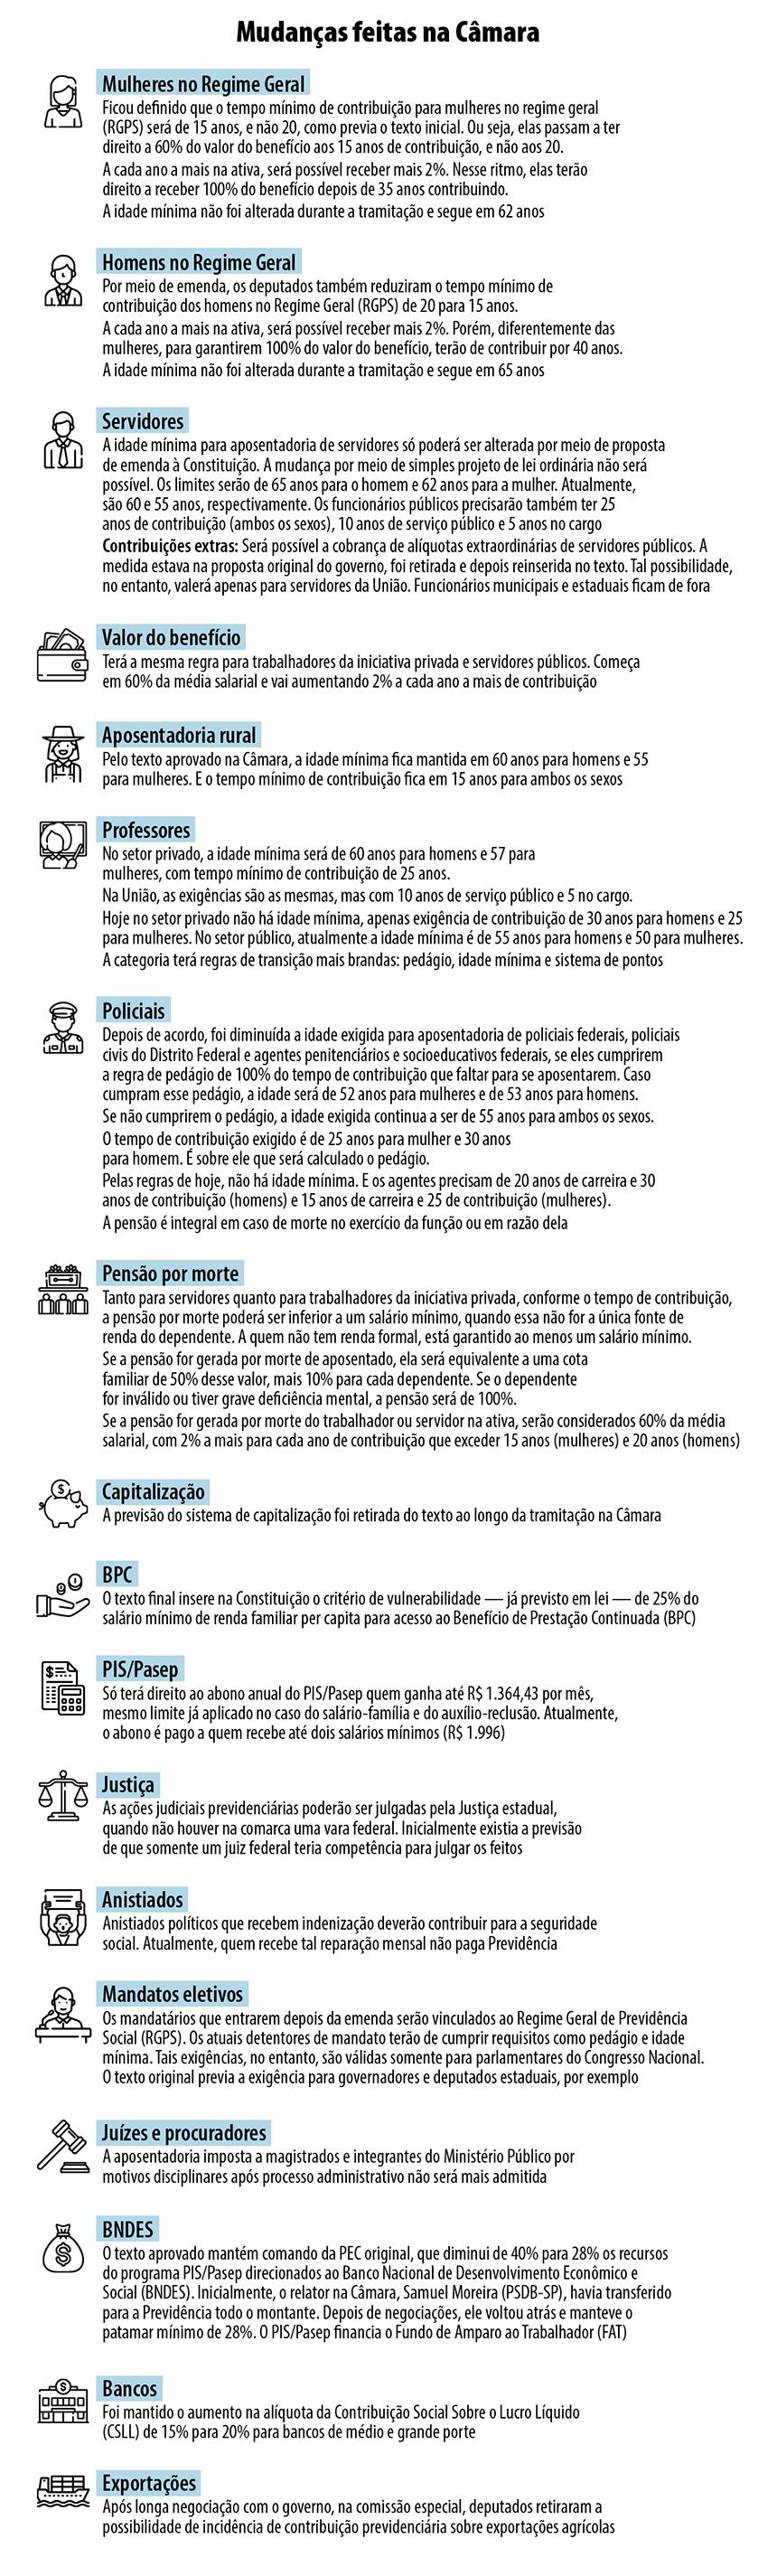 previdencia lista 09 08 2019